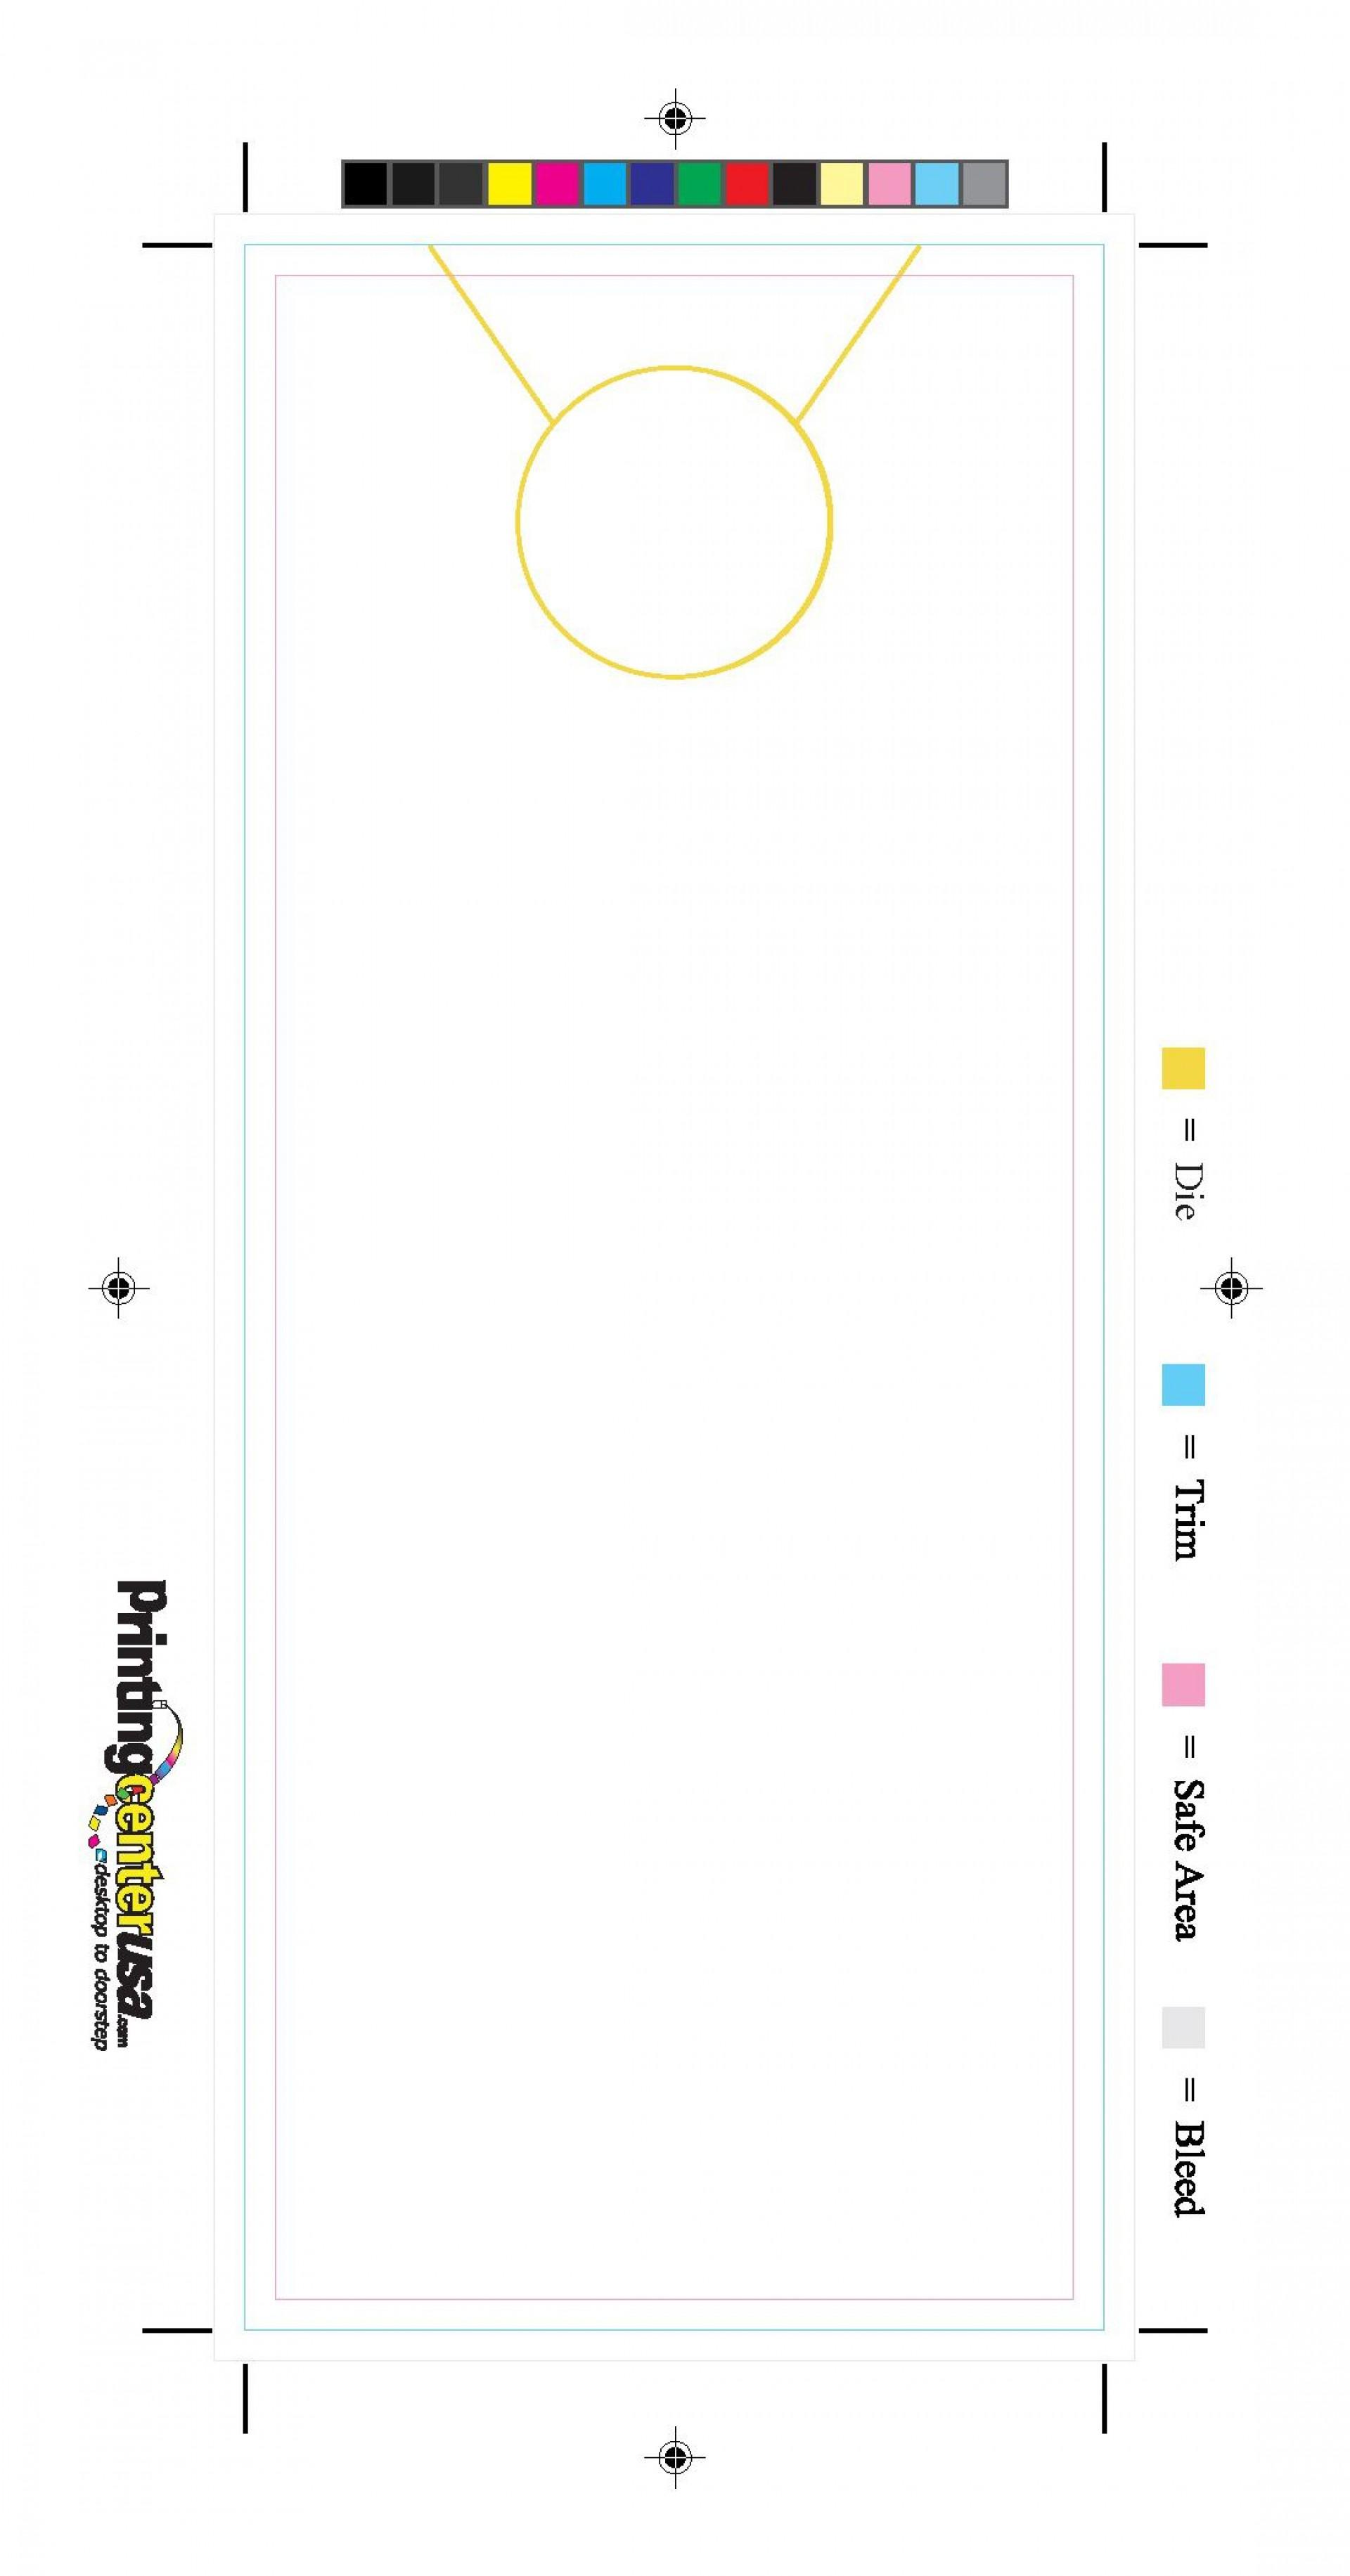 000 Astounding Free Door Hanger Template Sample  Templates Printable Wedding Blank Doorknob1920